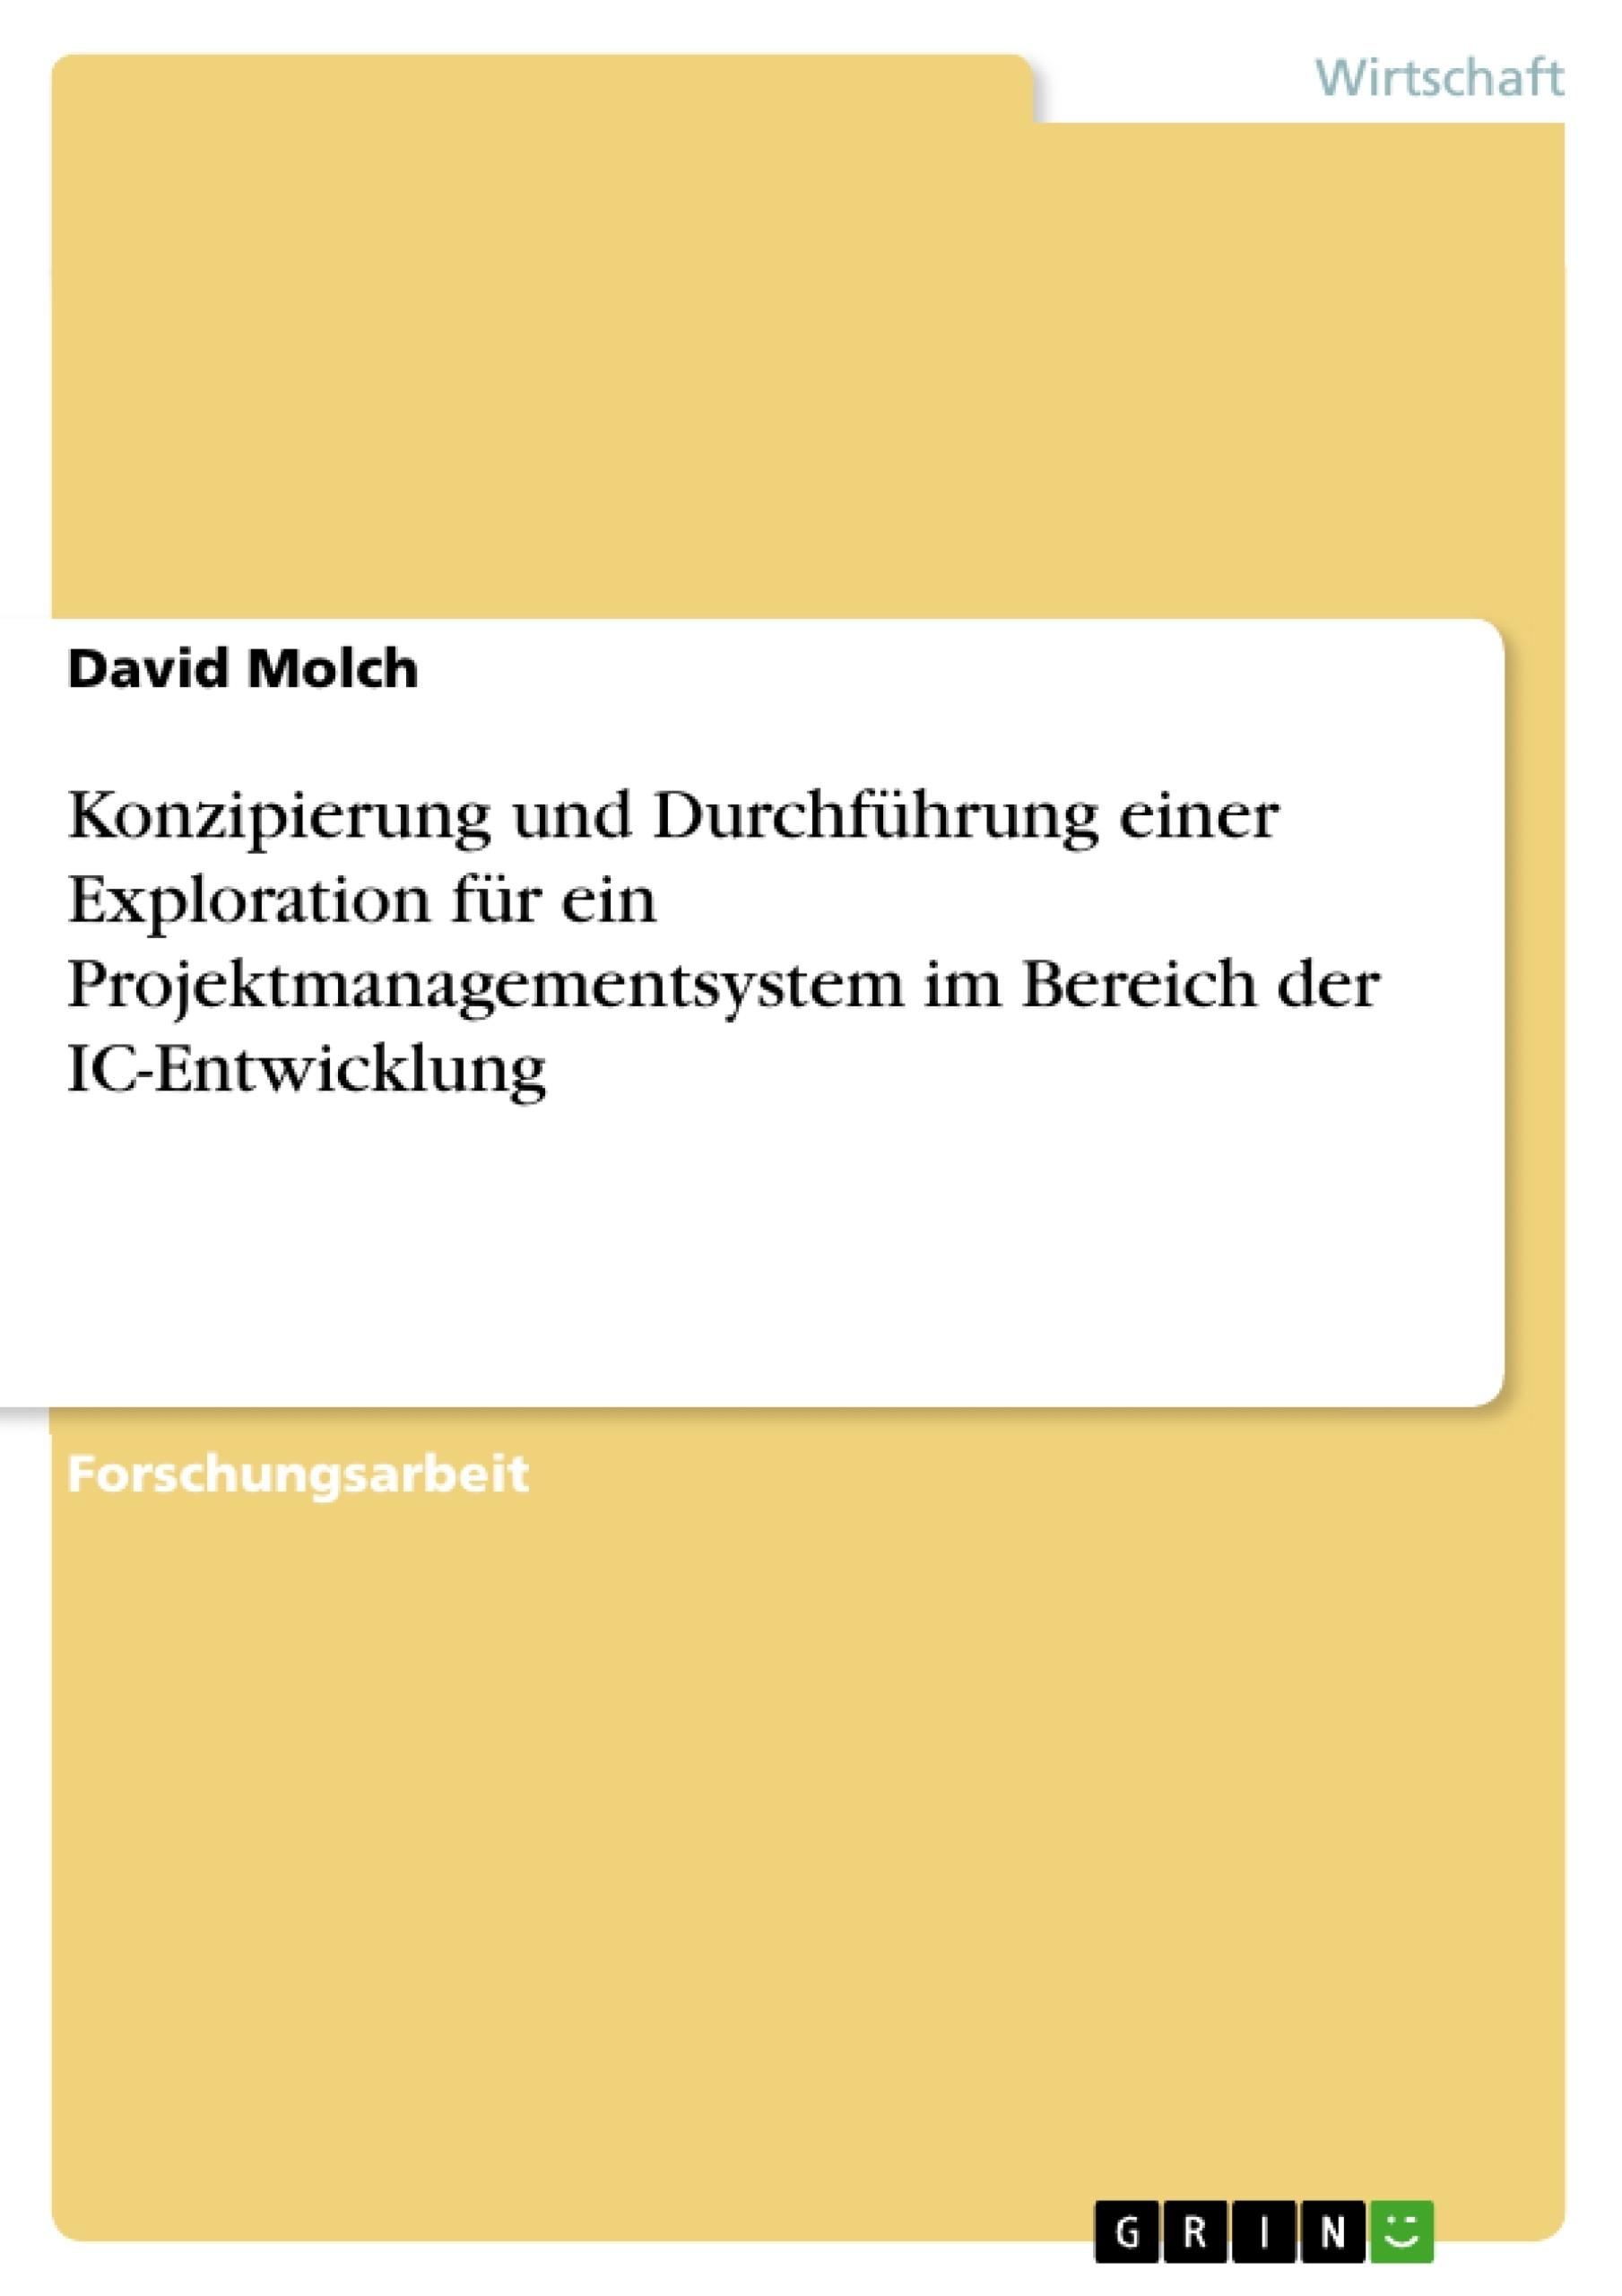 Titel: Konzipierung und Durchführung einer Exploration für ein Projektmanagementsystem im Bereich der IC-Entwicklung